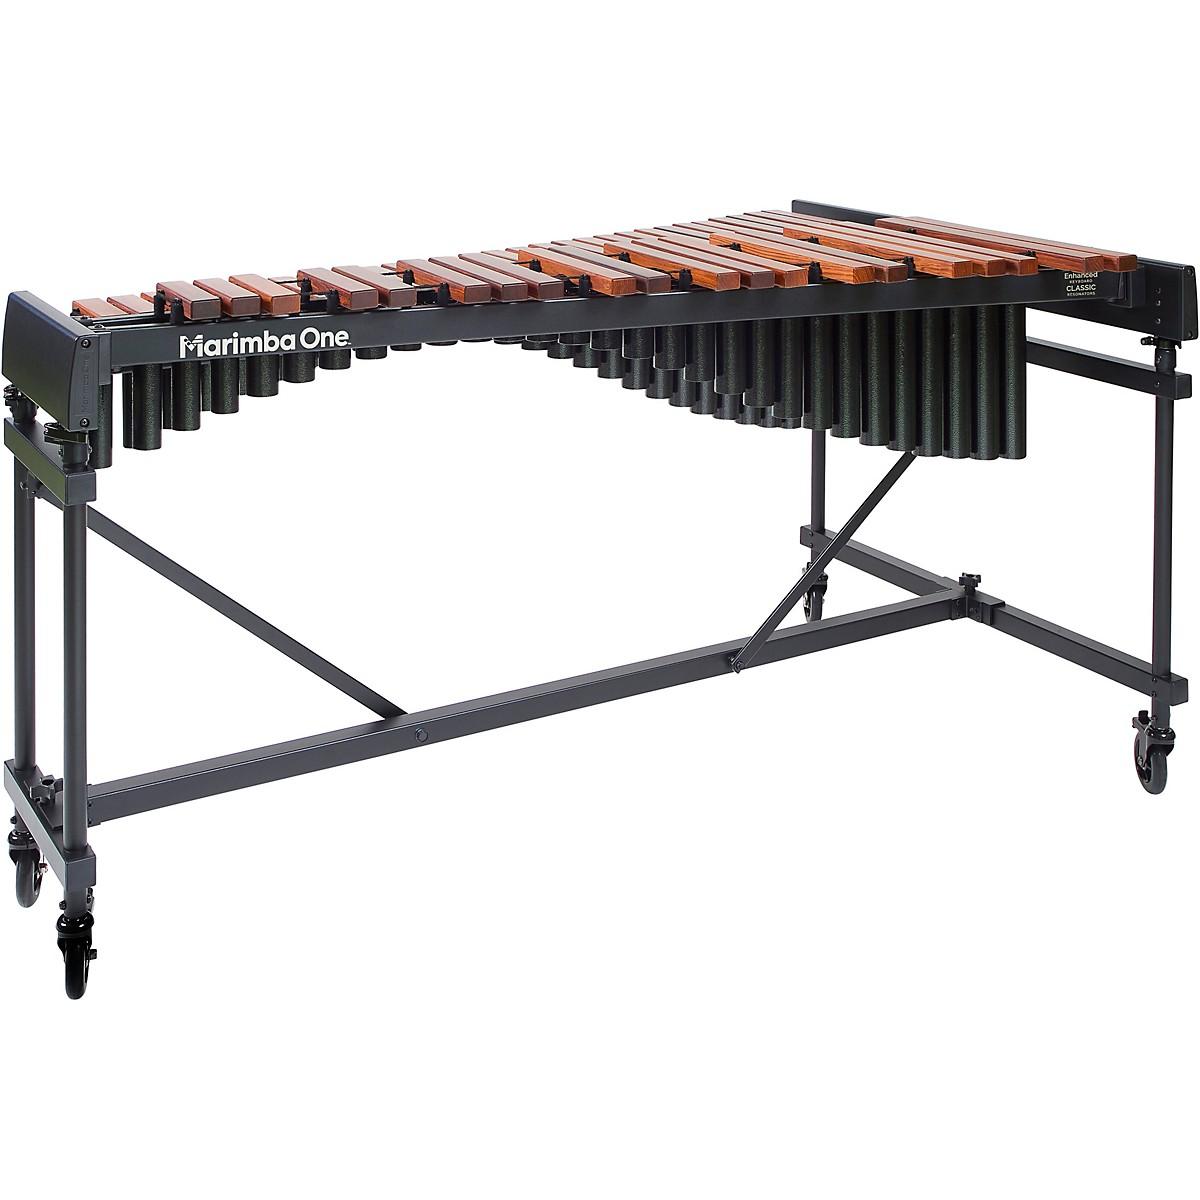 Marimba One M1 Concert Xylophone with Enhanced Keyboard